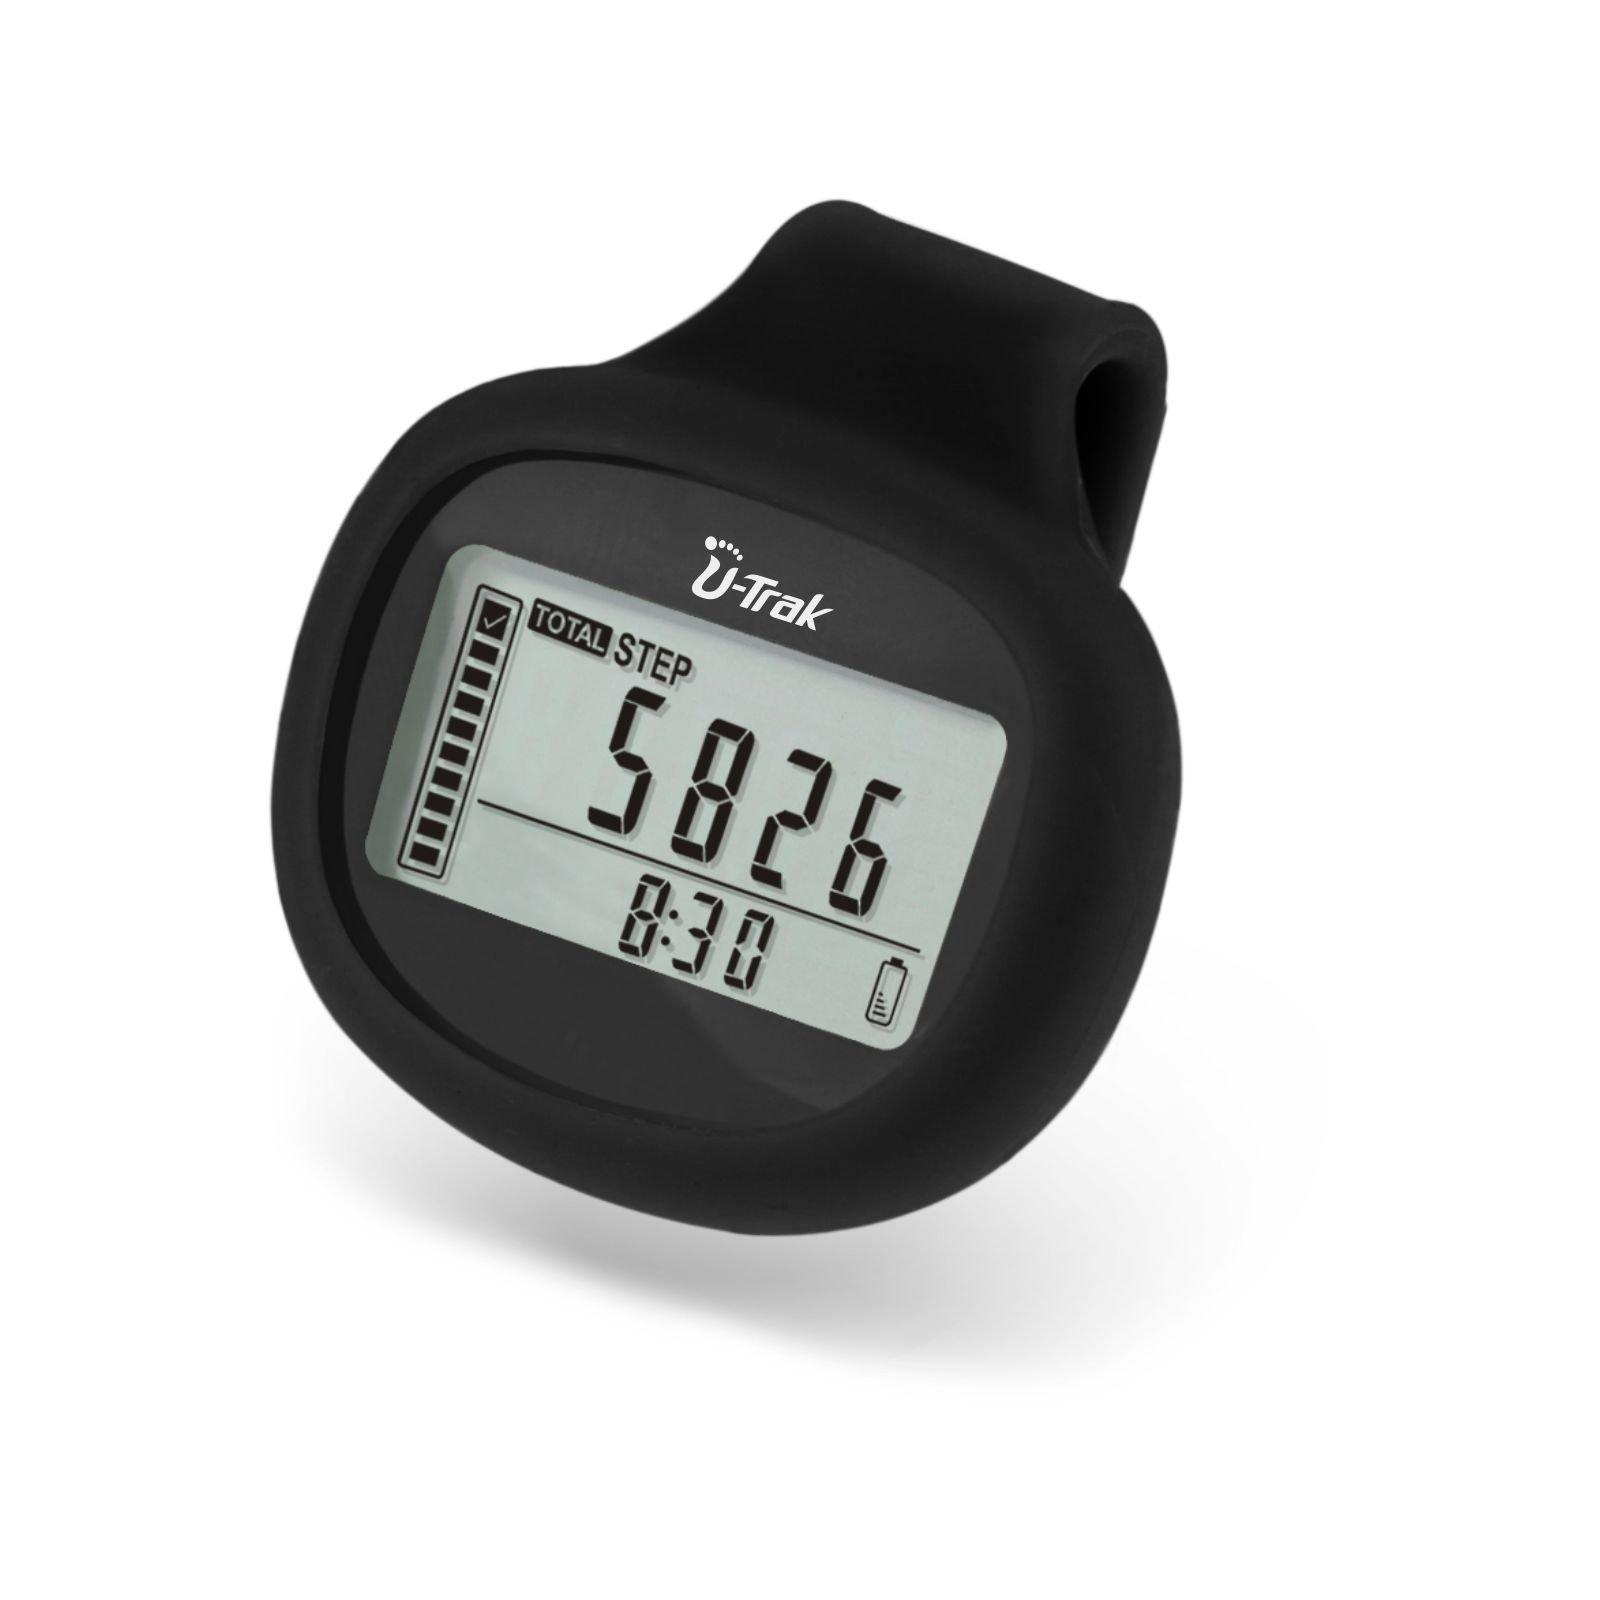 U Trak Pedometer Accurate Distance Calories